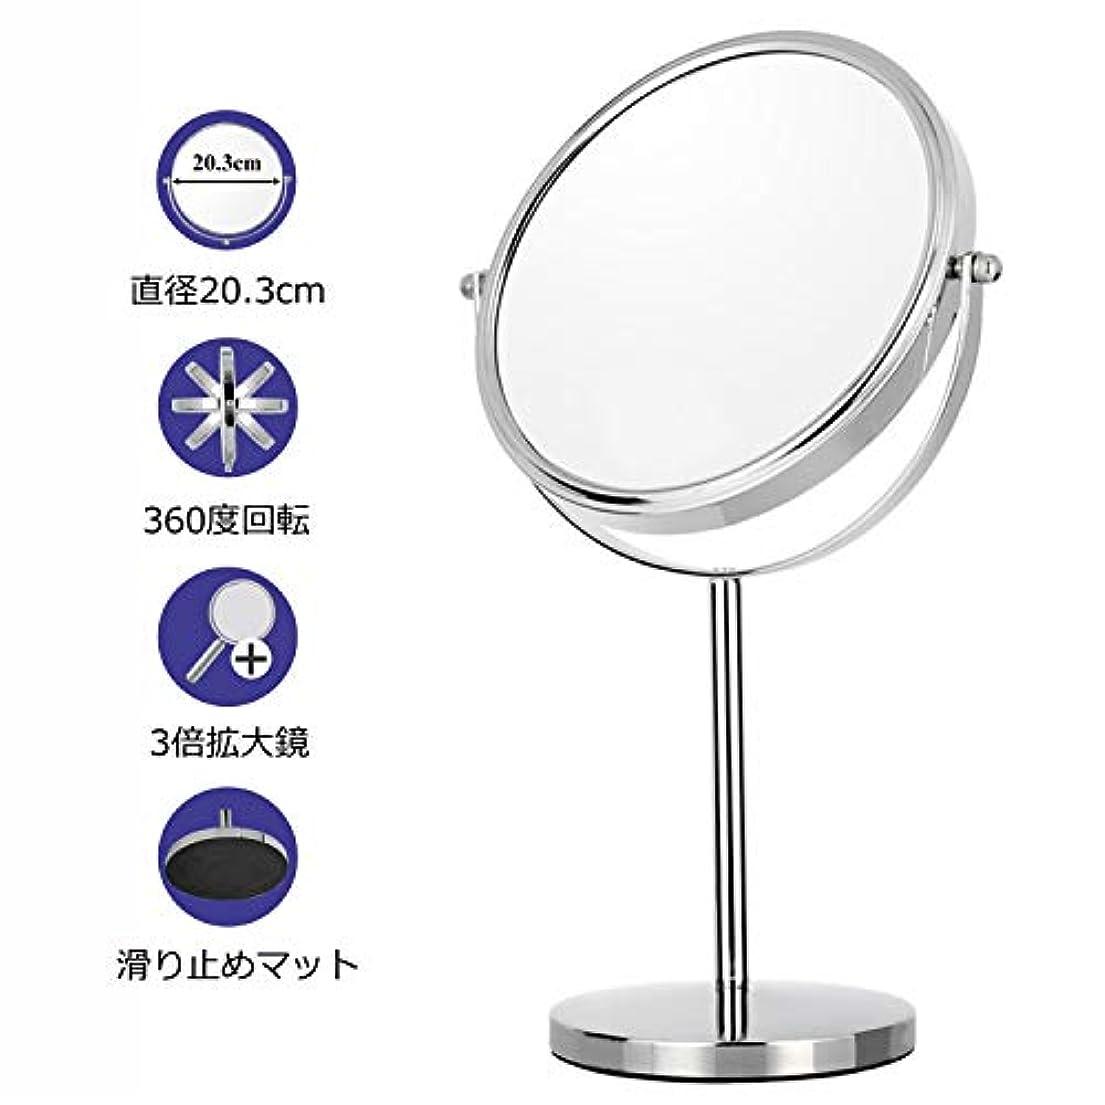 前方へ全国ポルノ鏡 卓上 拡大鏡付き 3倍卓上鏡 真実の両面鏡 浴室鏡 ミラー 360度回転 スタンドミラー クロム 鏡 (鏡面23.2cm)